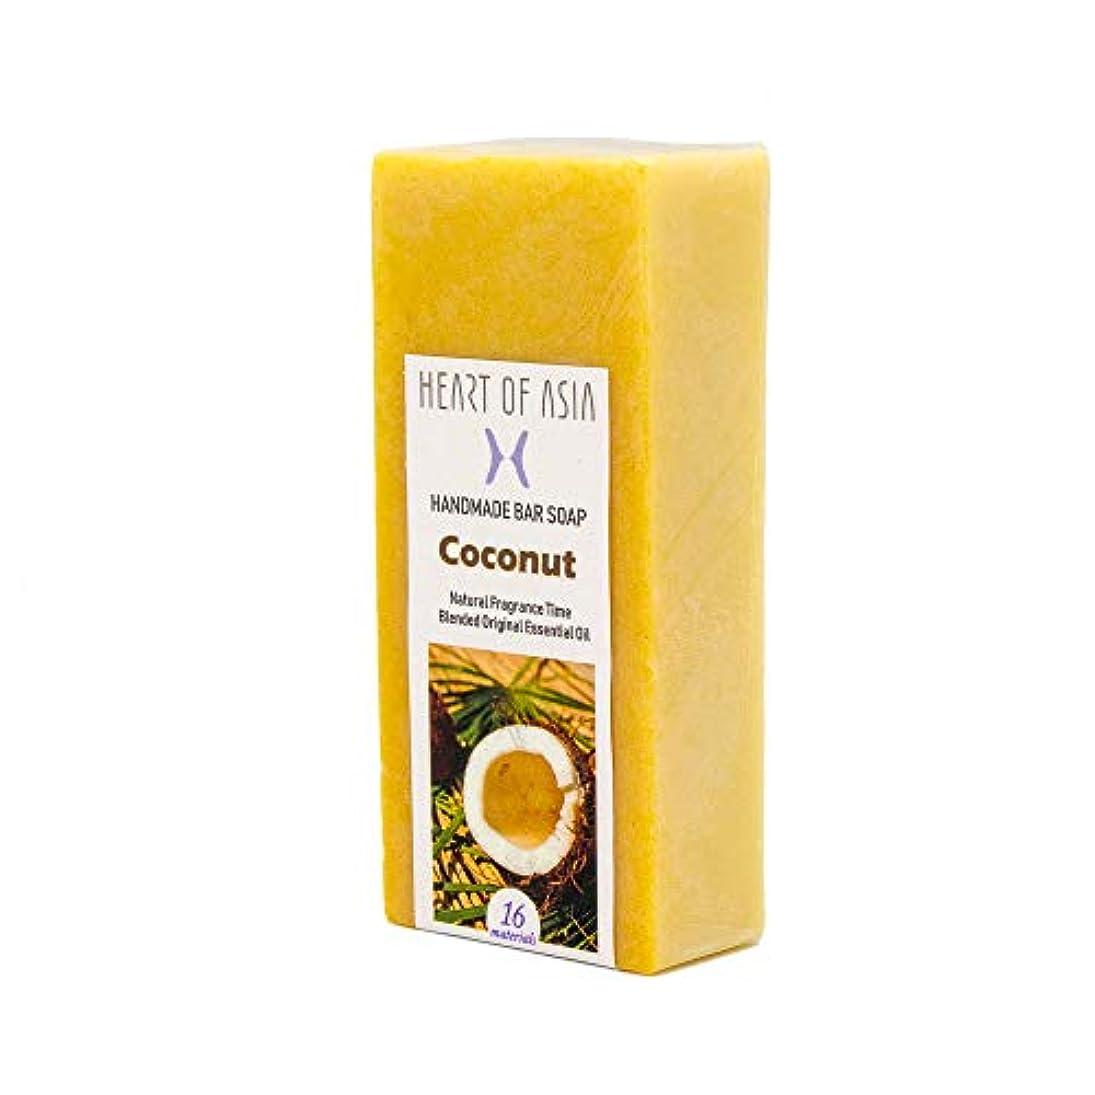 謙虚駐地侮辱香水のようなフレグランス石けん HANDMADE BAR SOAP ~Coconut ~ (単品)